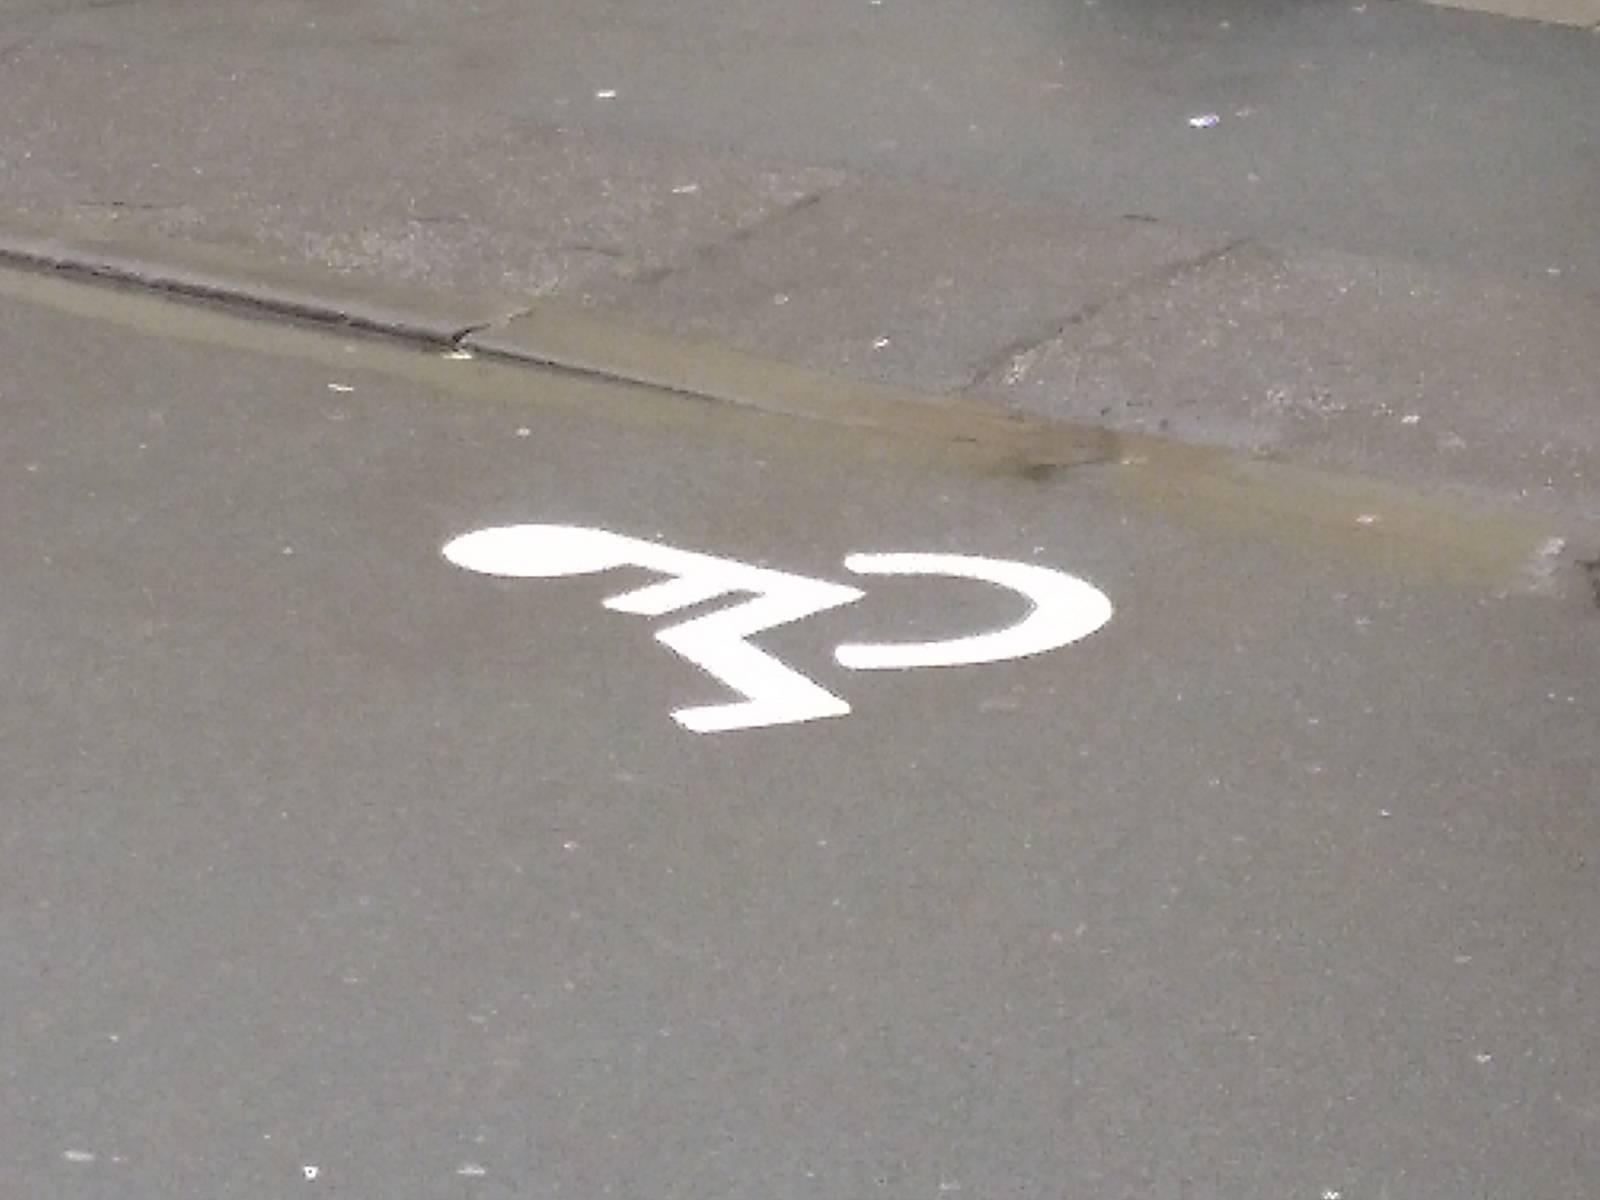 Rollstuhlfahrersymbol an einem Parkplatz